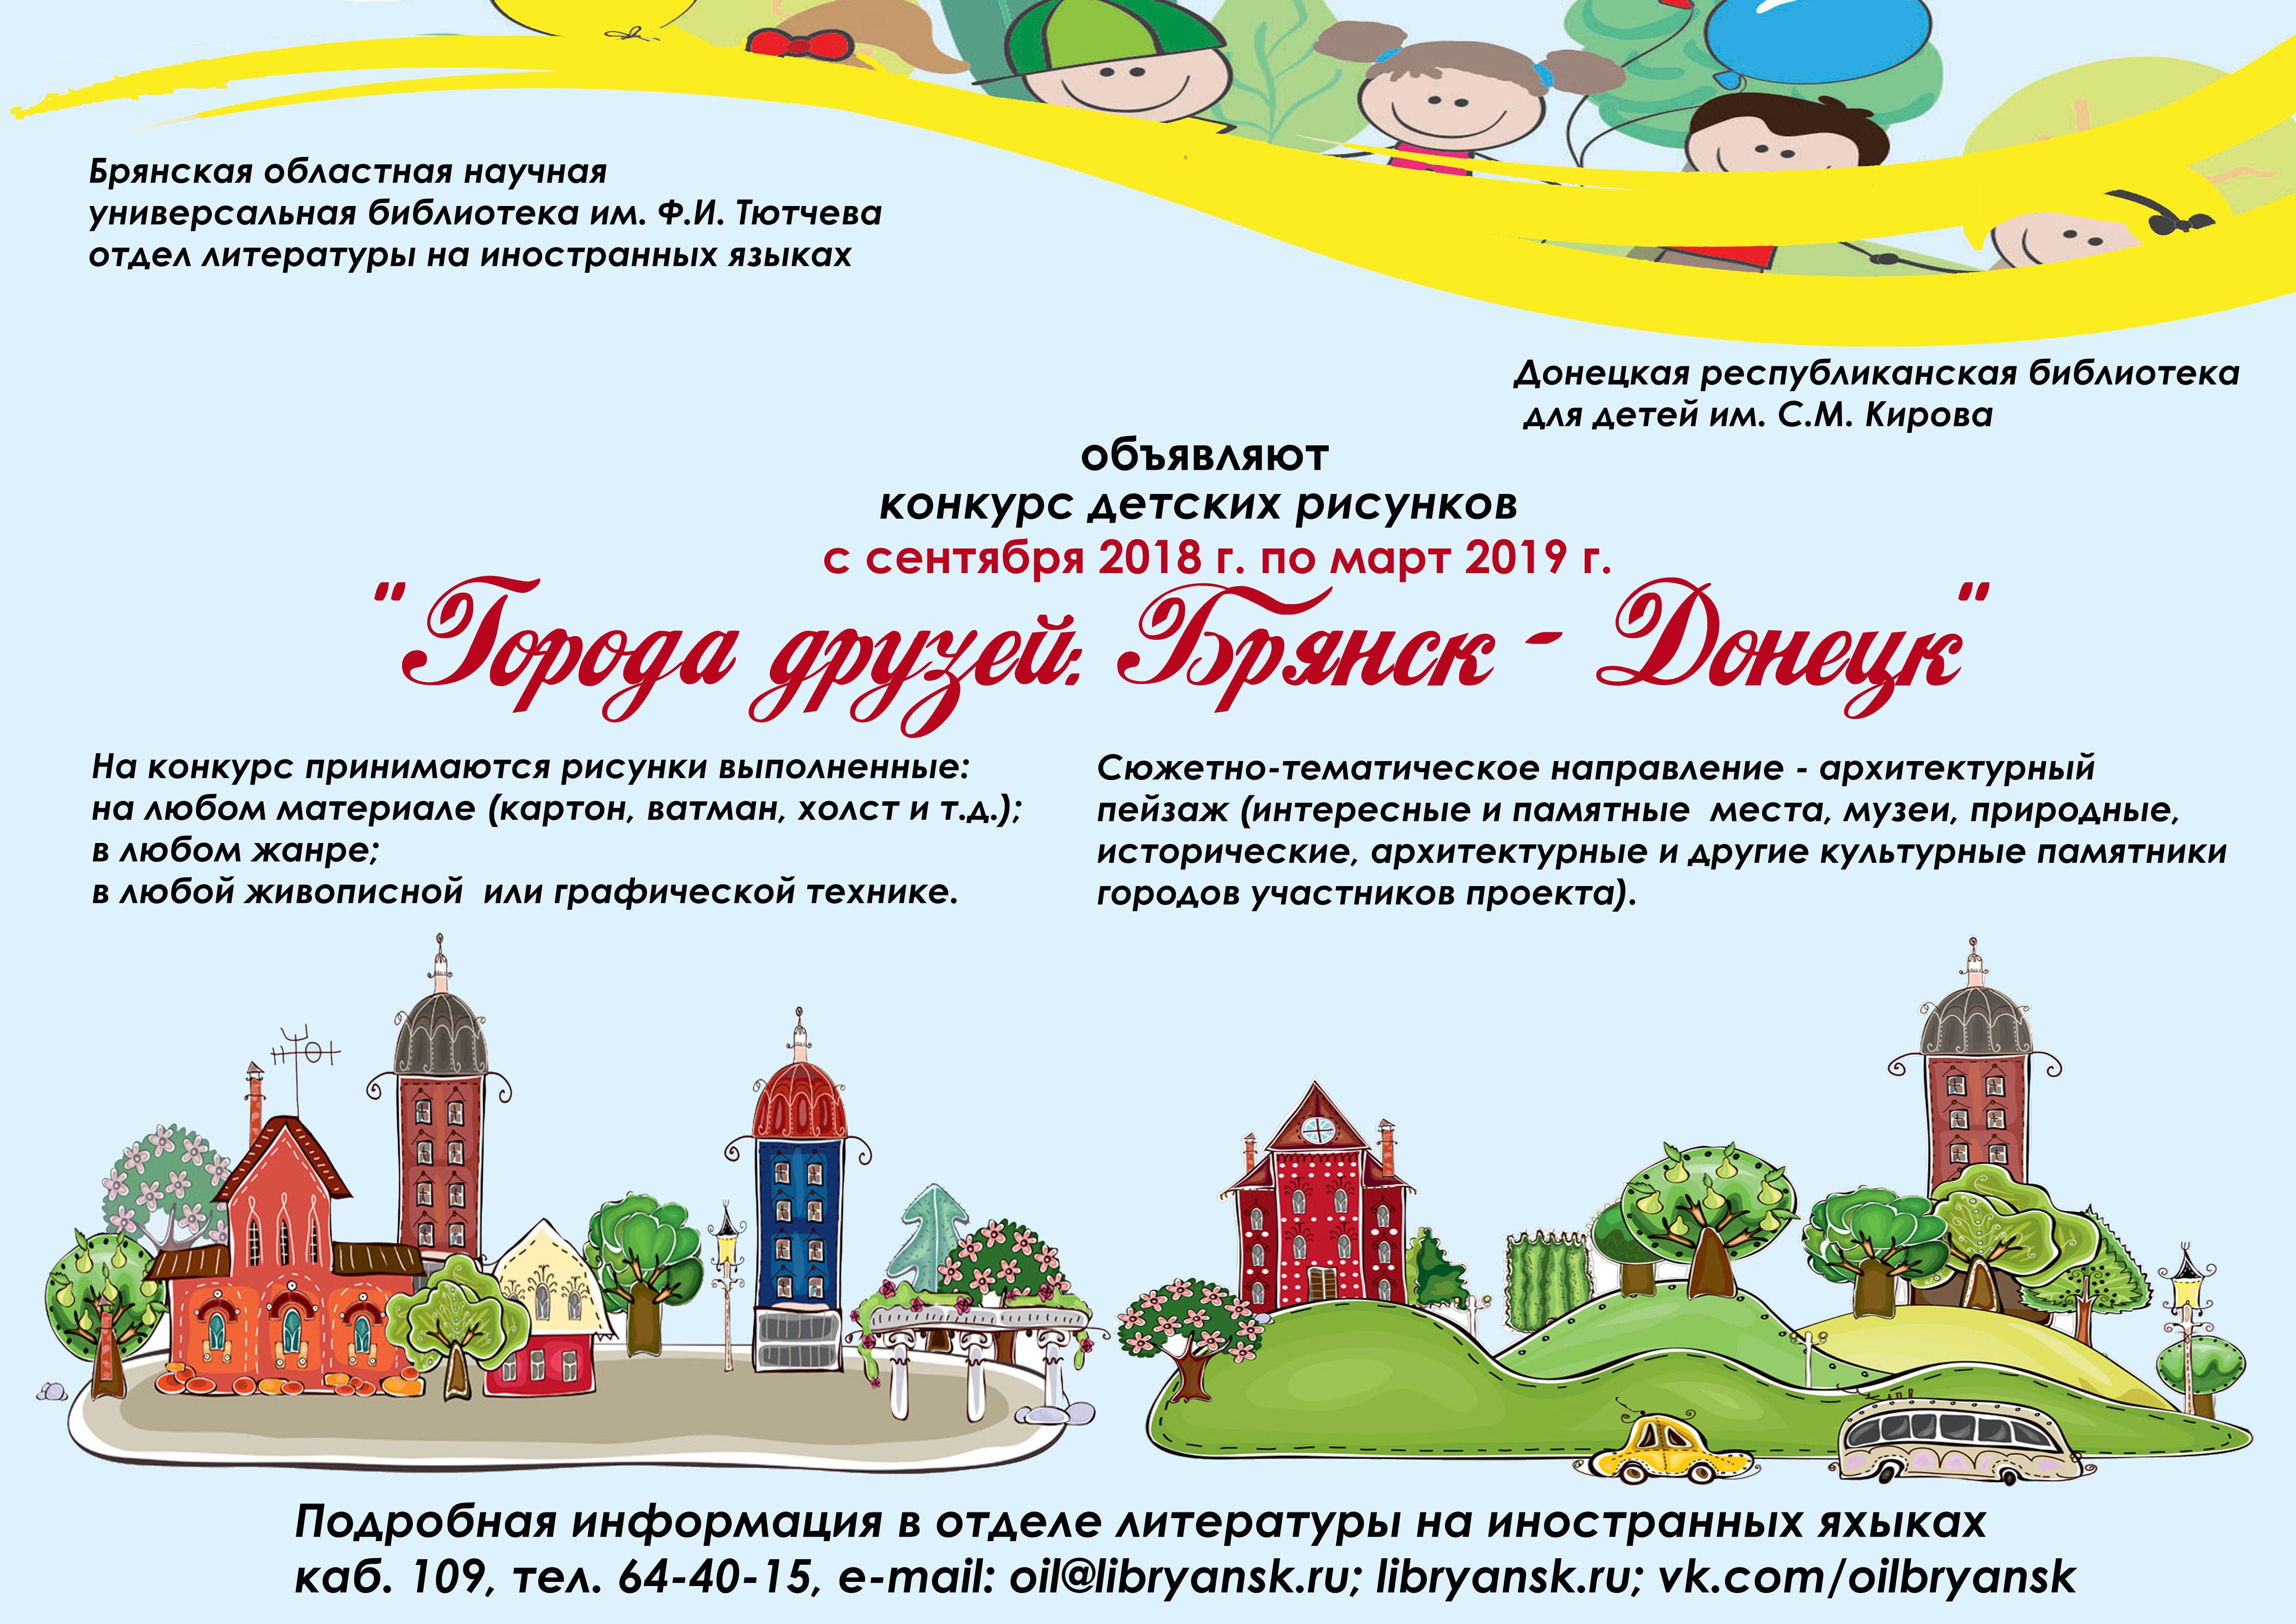 «Города друзей: Брянск - Донецк: Виртуальный альбом детских рисунков»